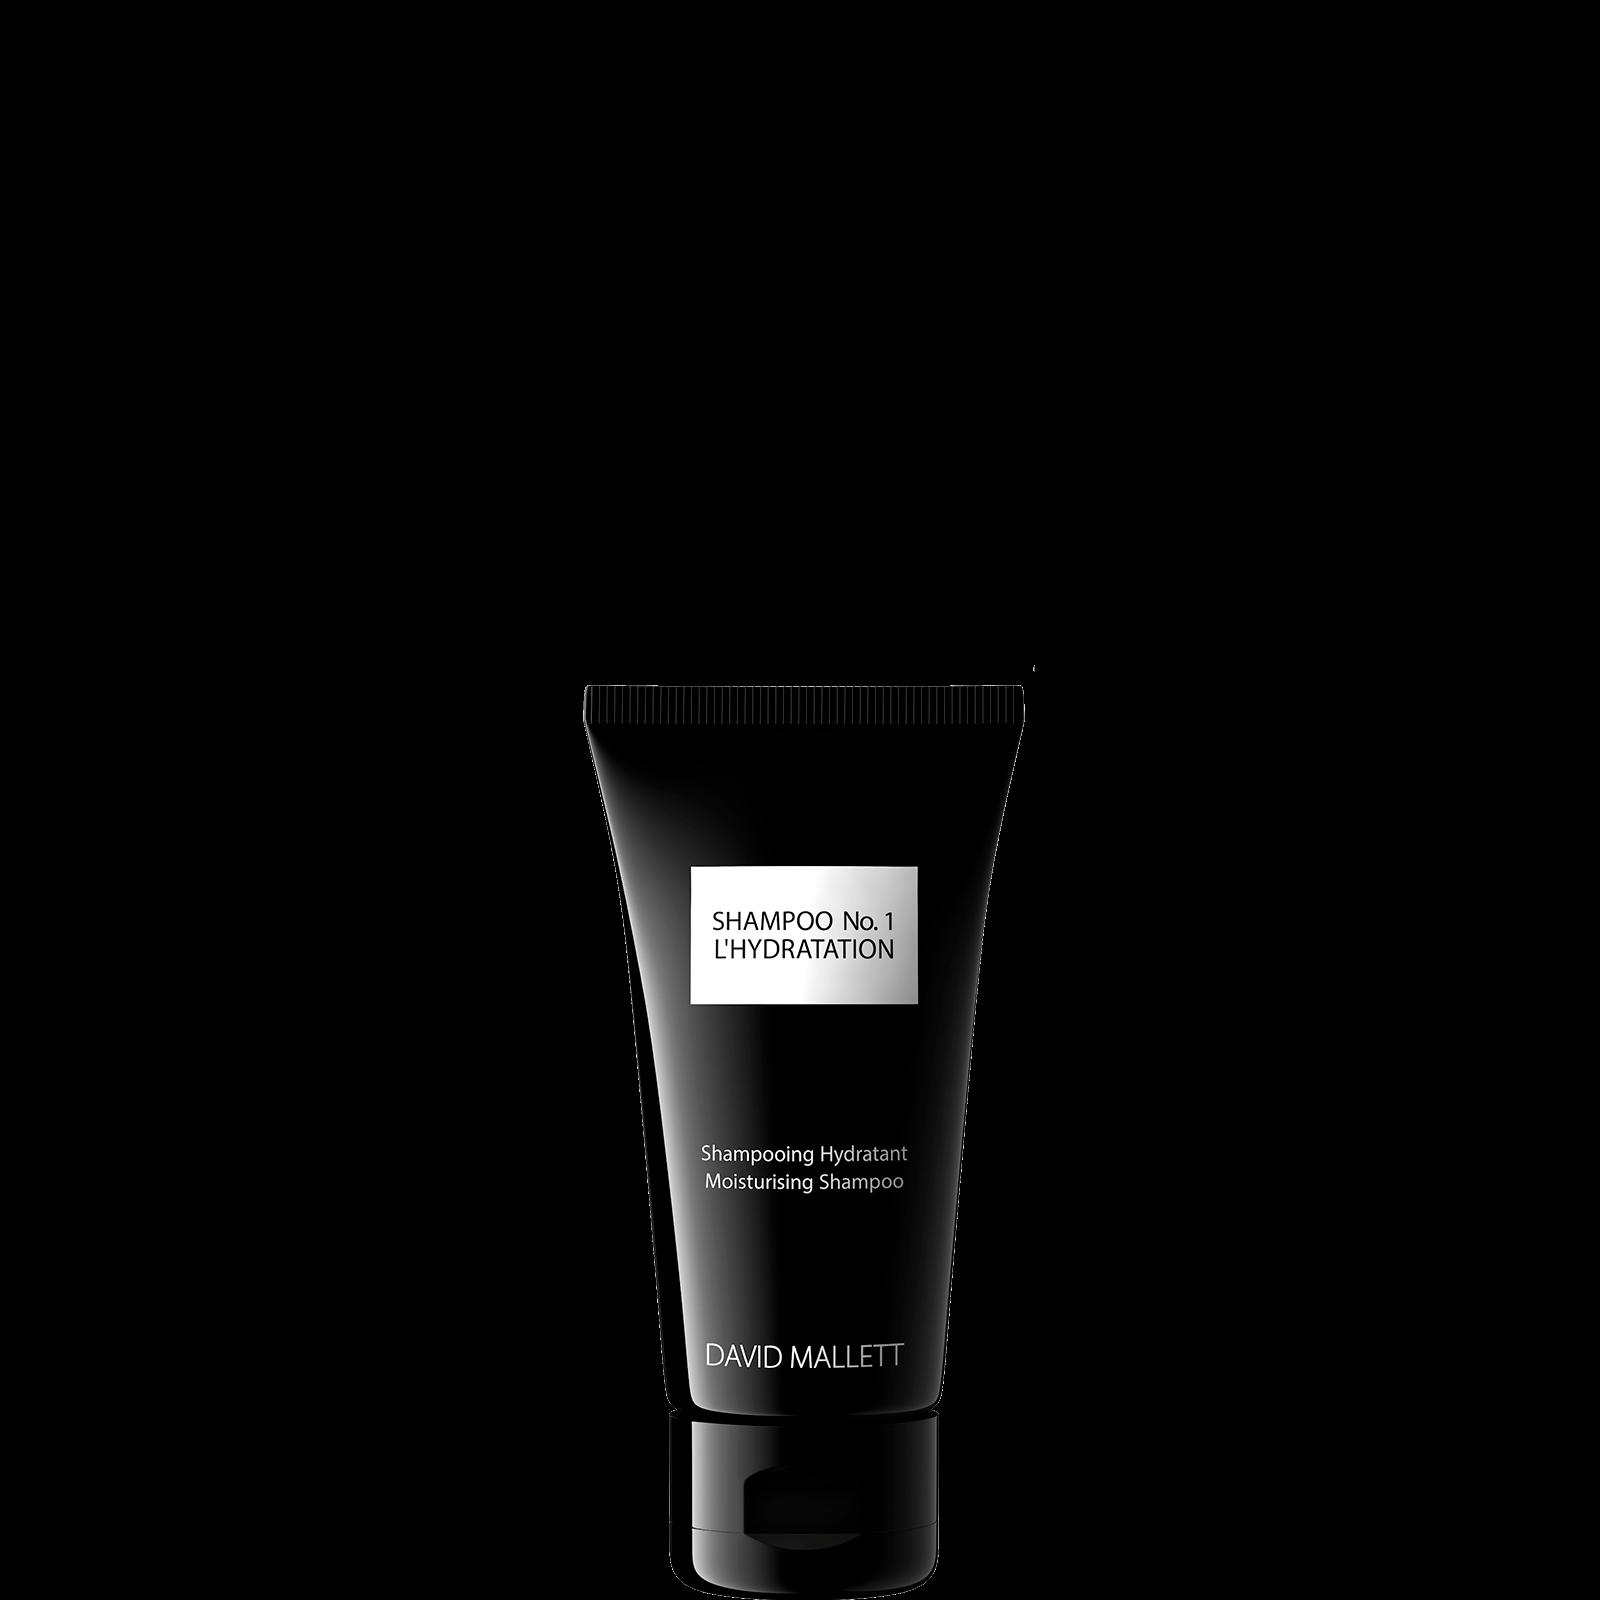 Shampoo No.1 HYDRATATION Travel